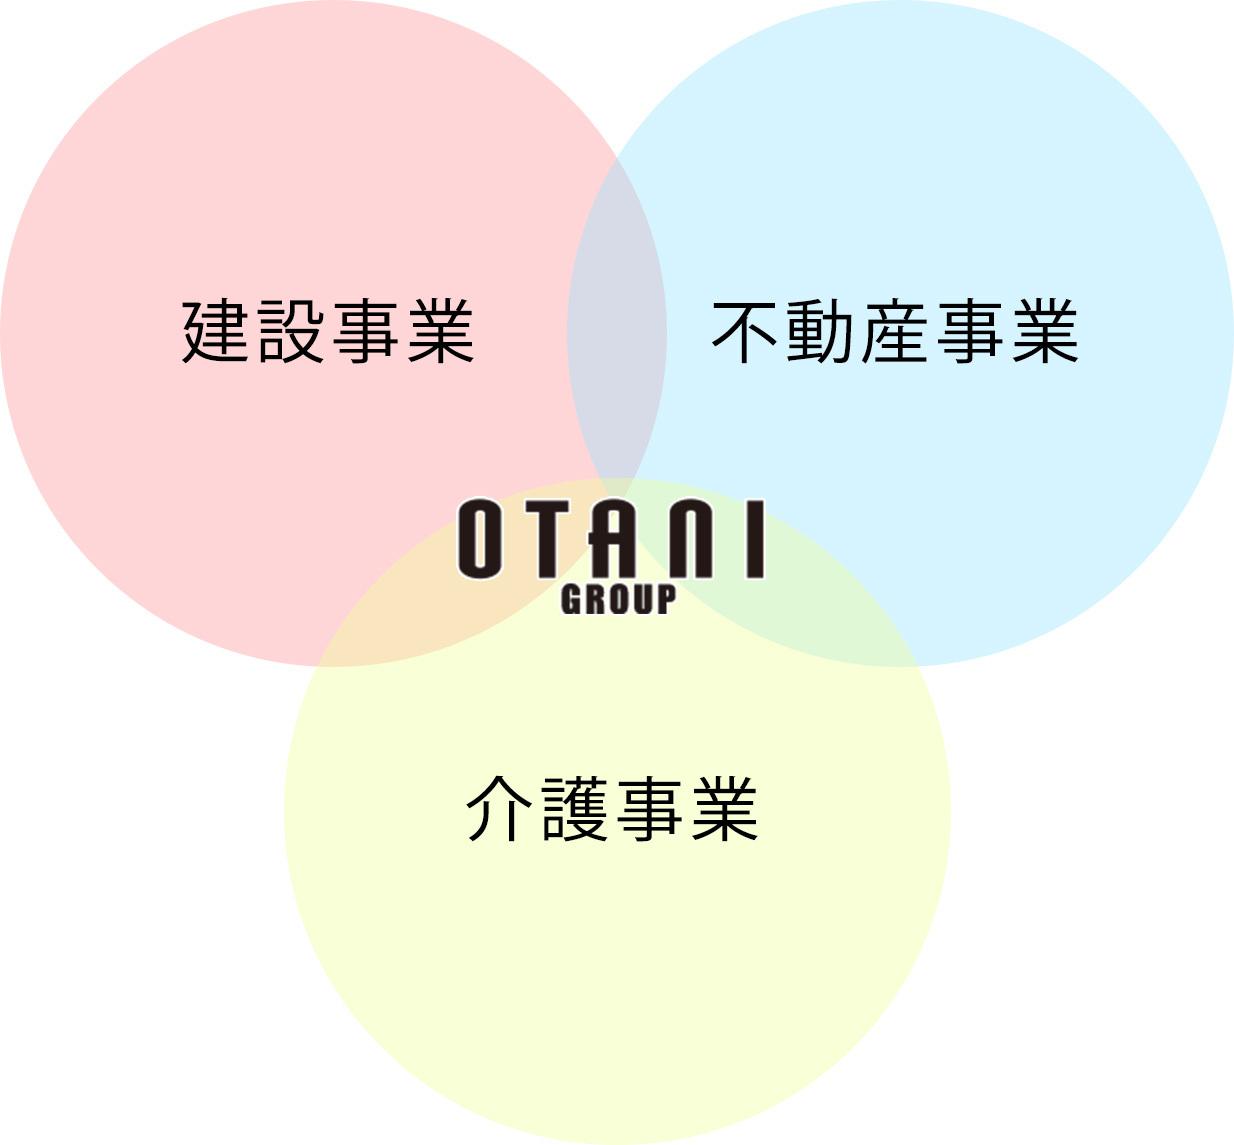 オータニグループの総合力